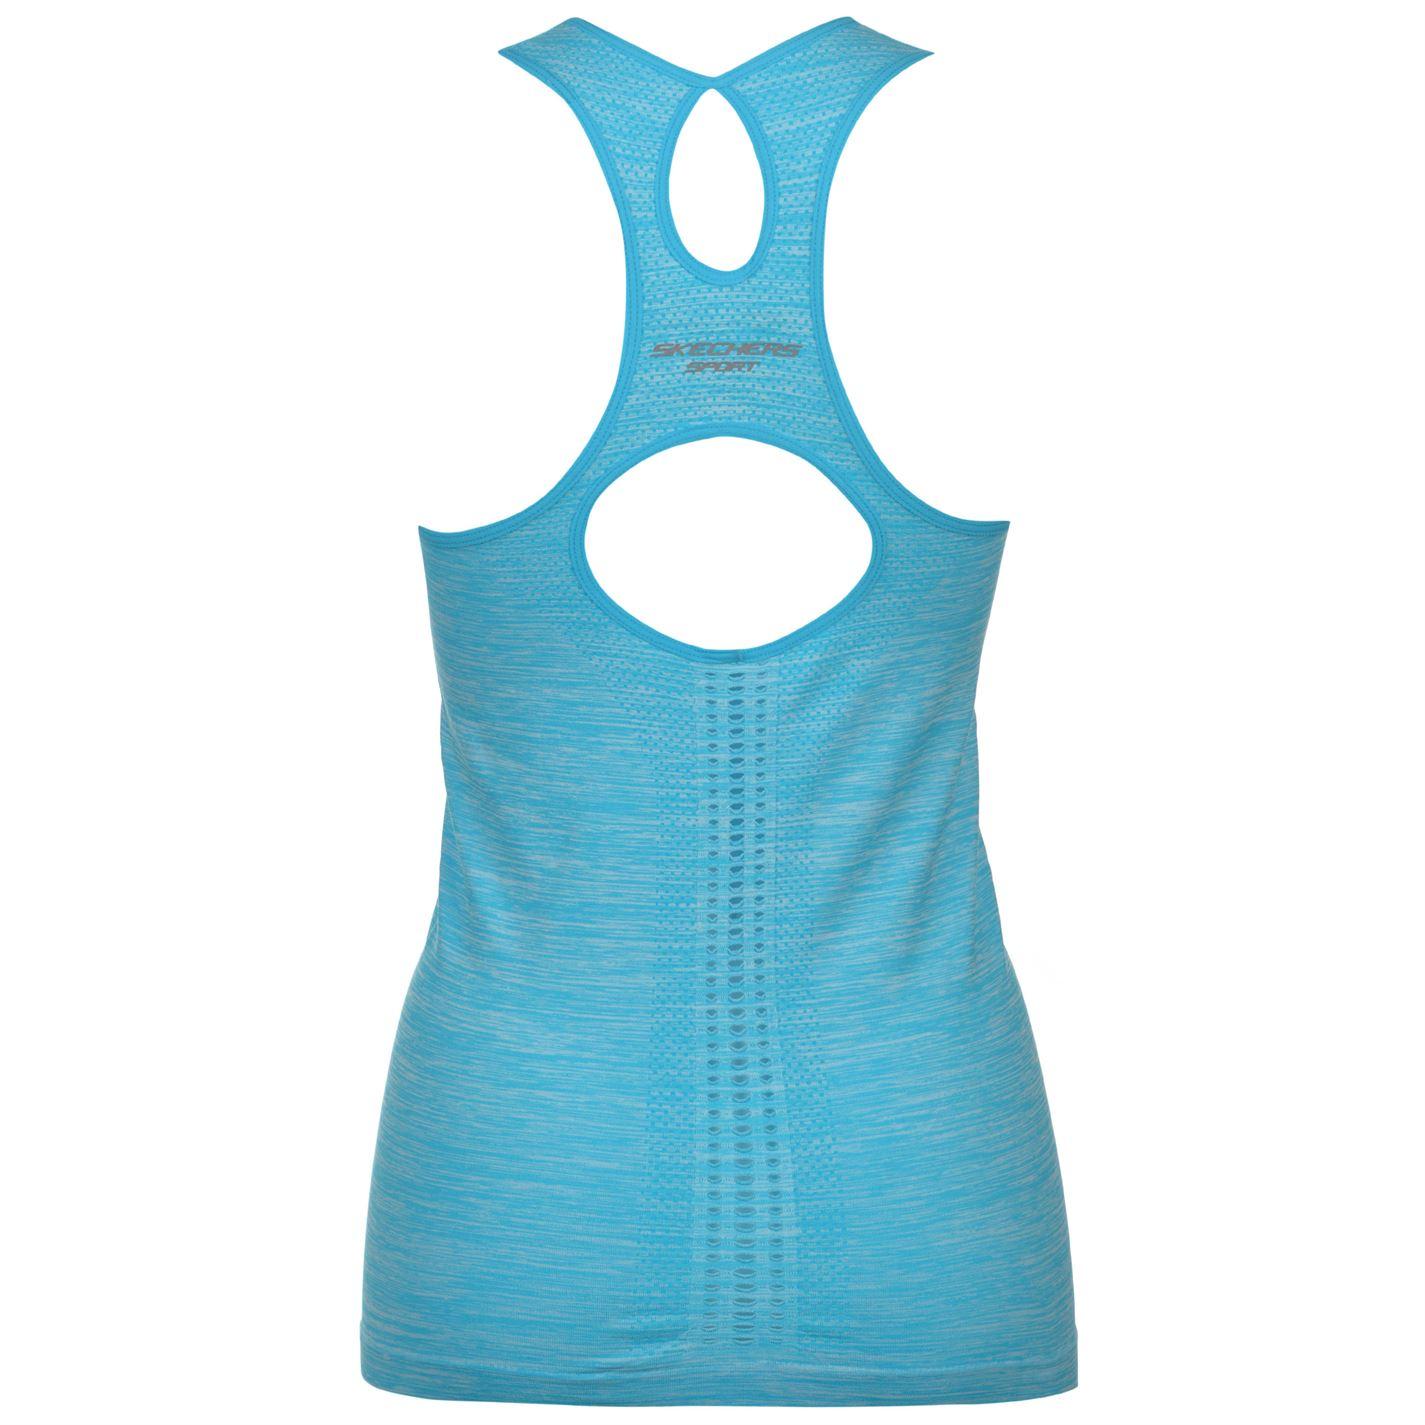 Skechers-Para-Mujer-smls-Chaleco-Tapa-del-tanque-de-rendimiento miniatura 4